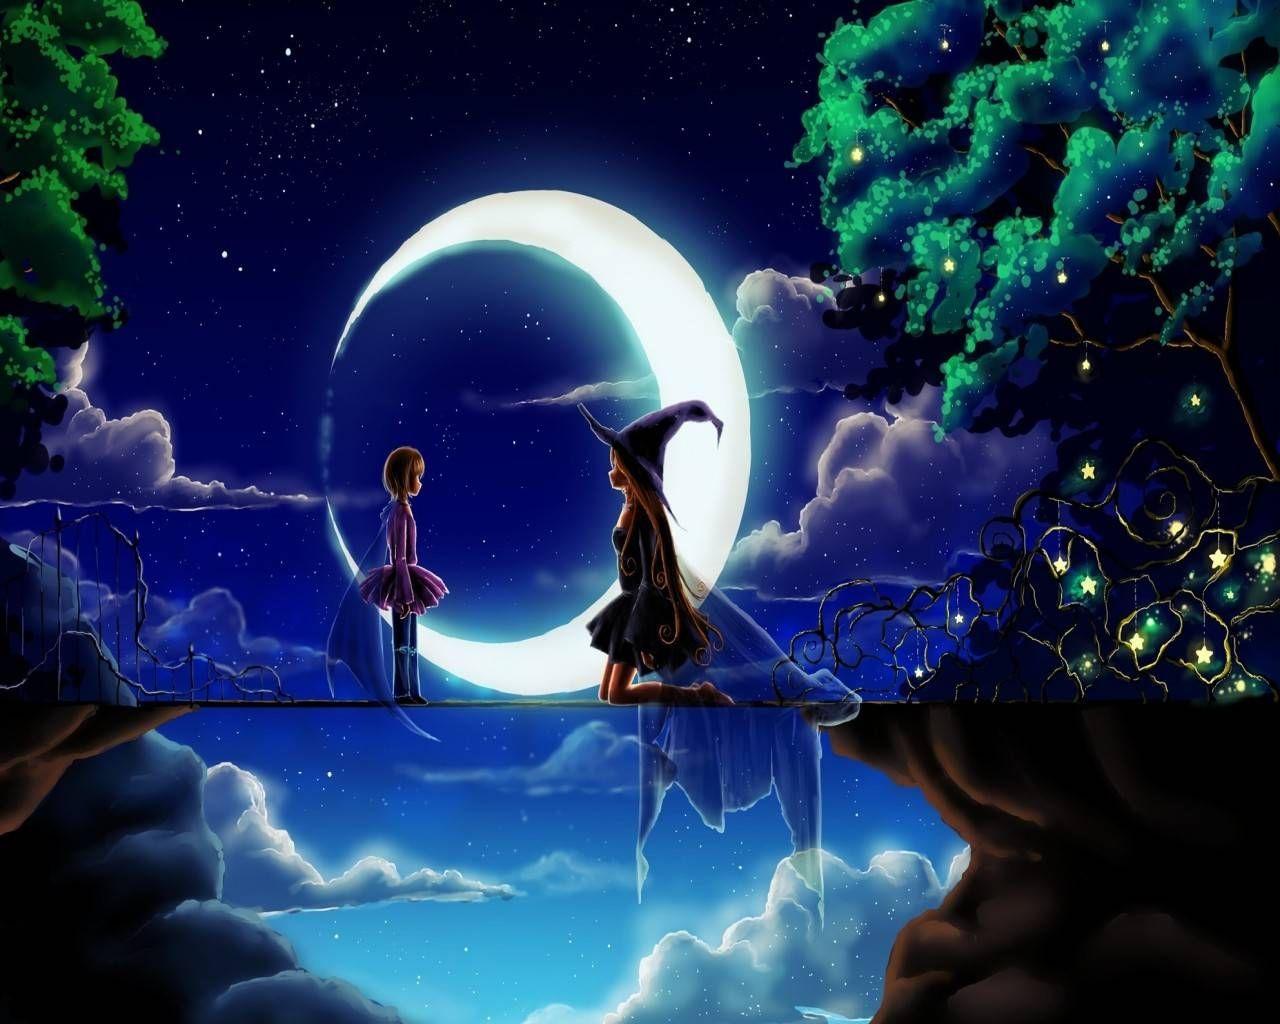 Beautiful Wallpaper Night Fairy - 77d43f125abacb1b124d202cdb64017b  Pictures-754513.jpg